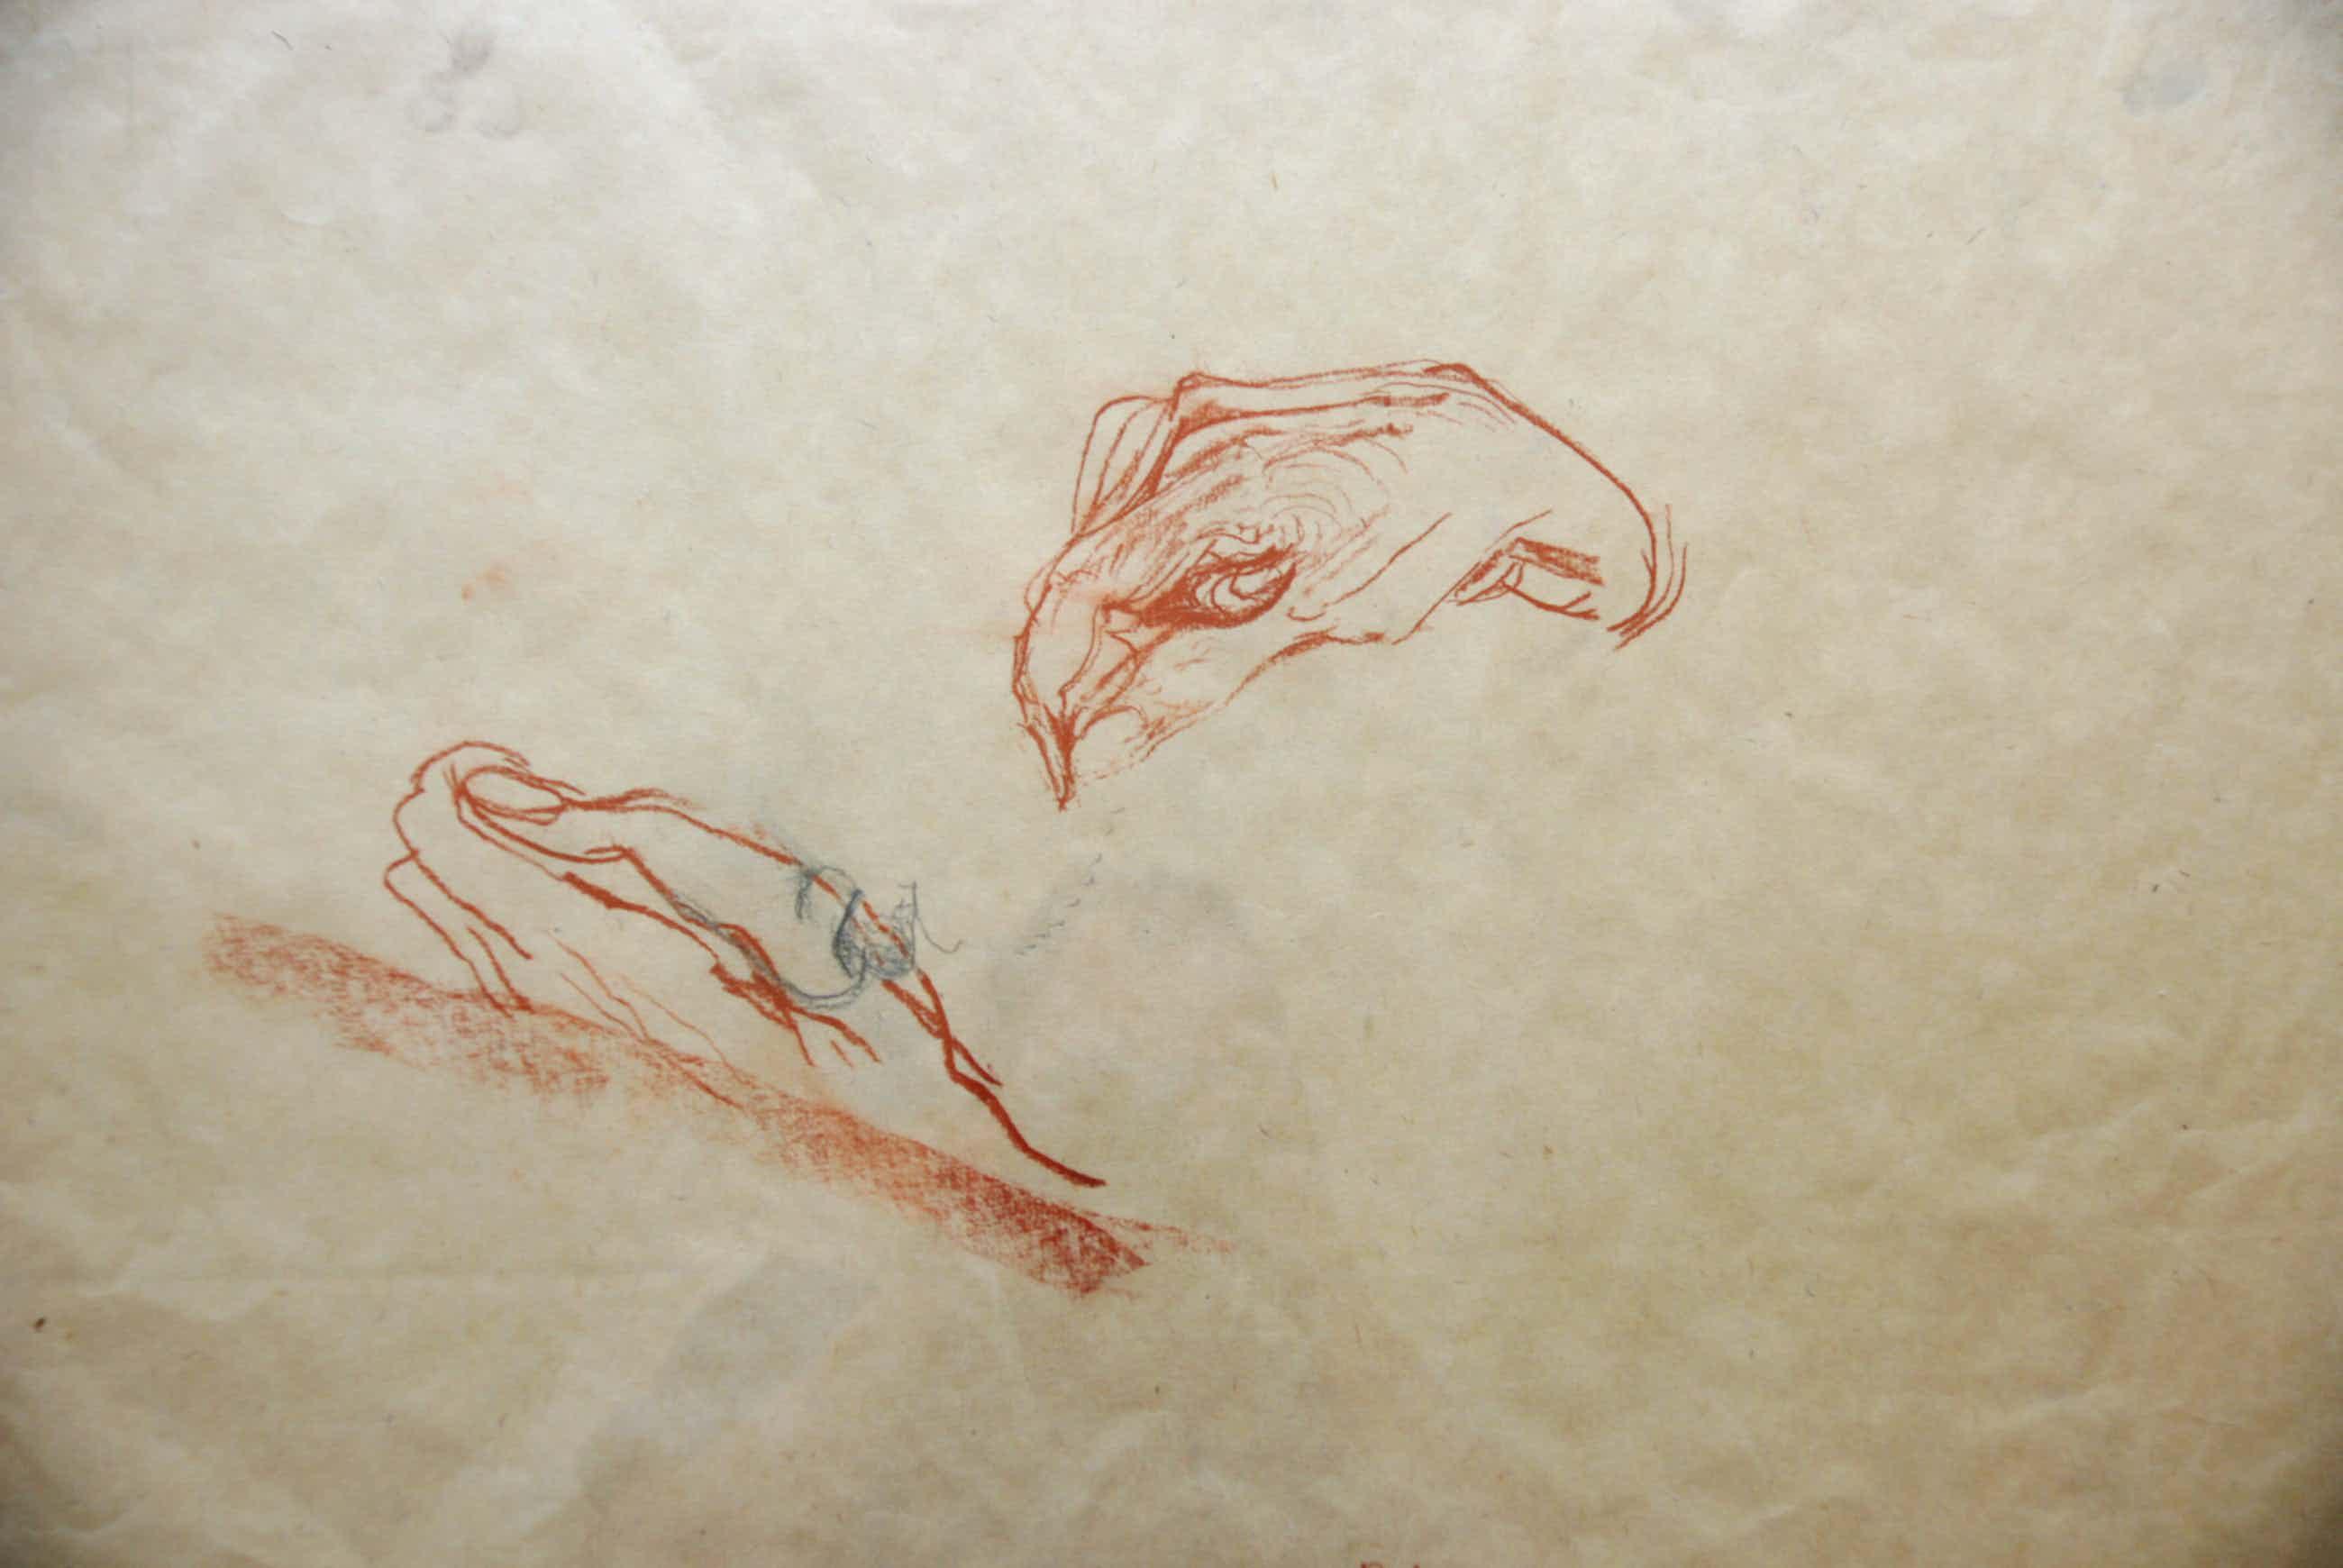 Jasper Krabbe - tekening uit de nalatenschap van uitgever Van Gennep kopen? Bied vanaf 395!